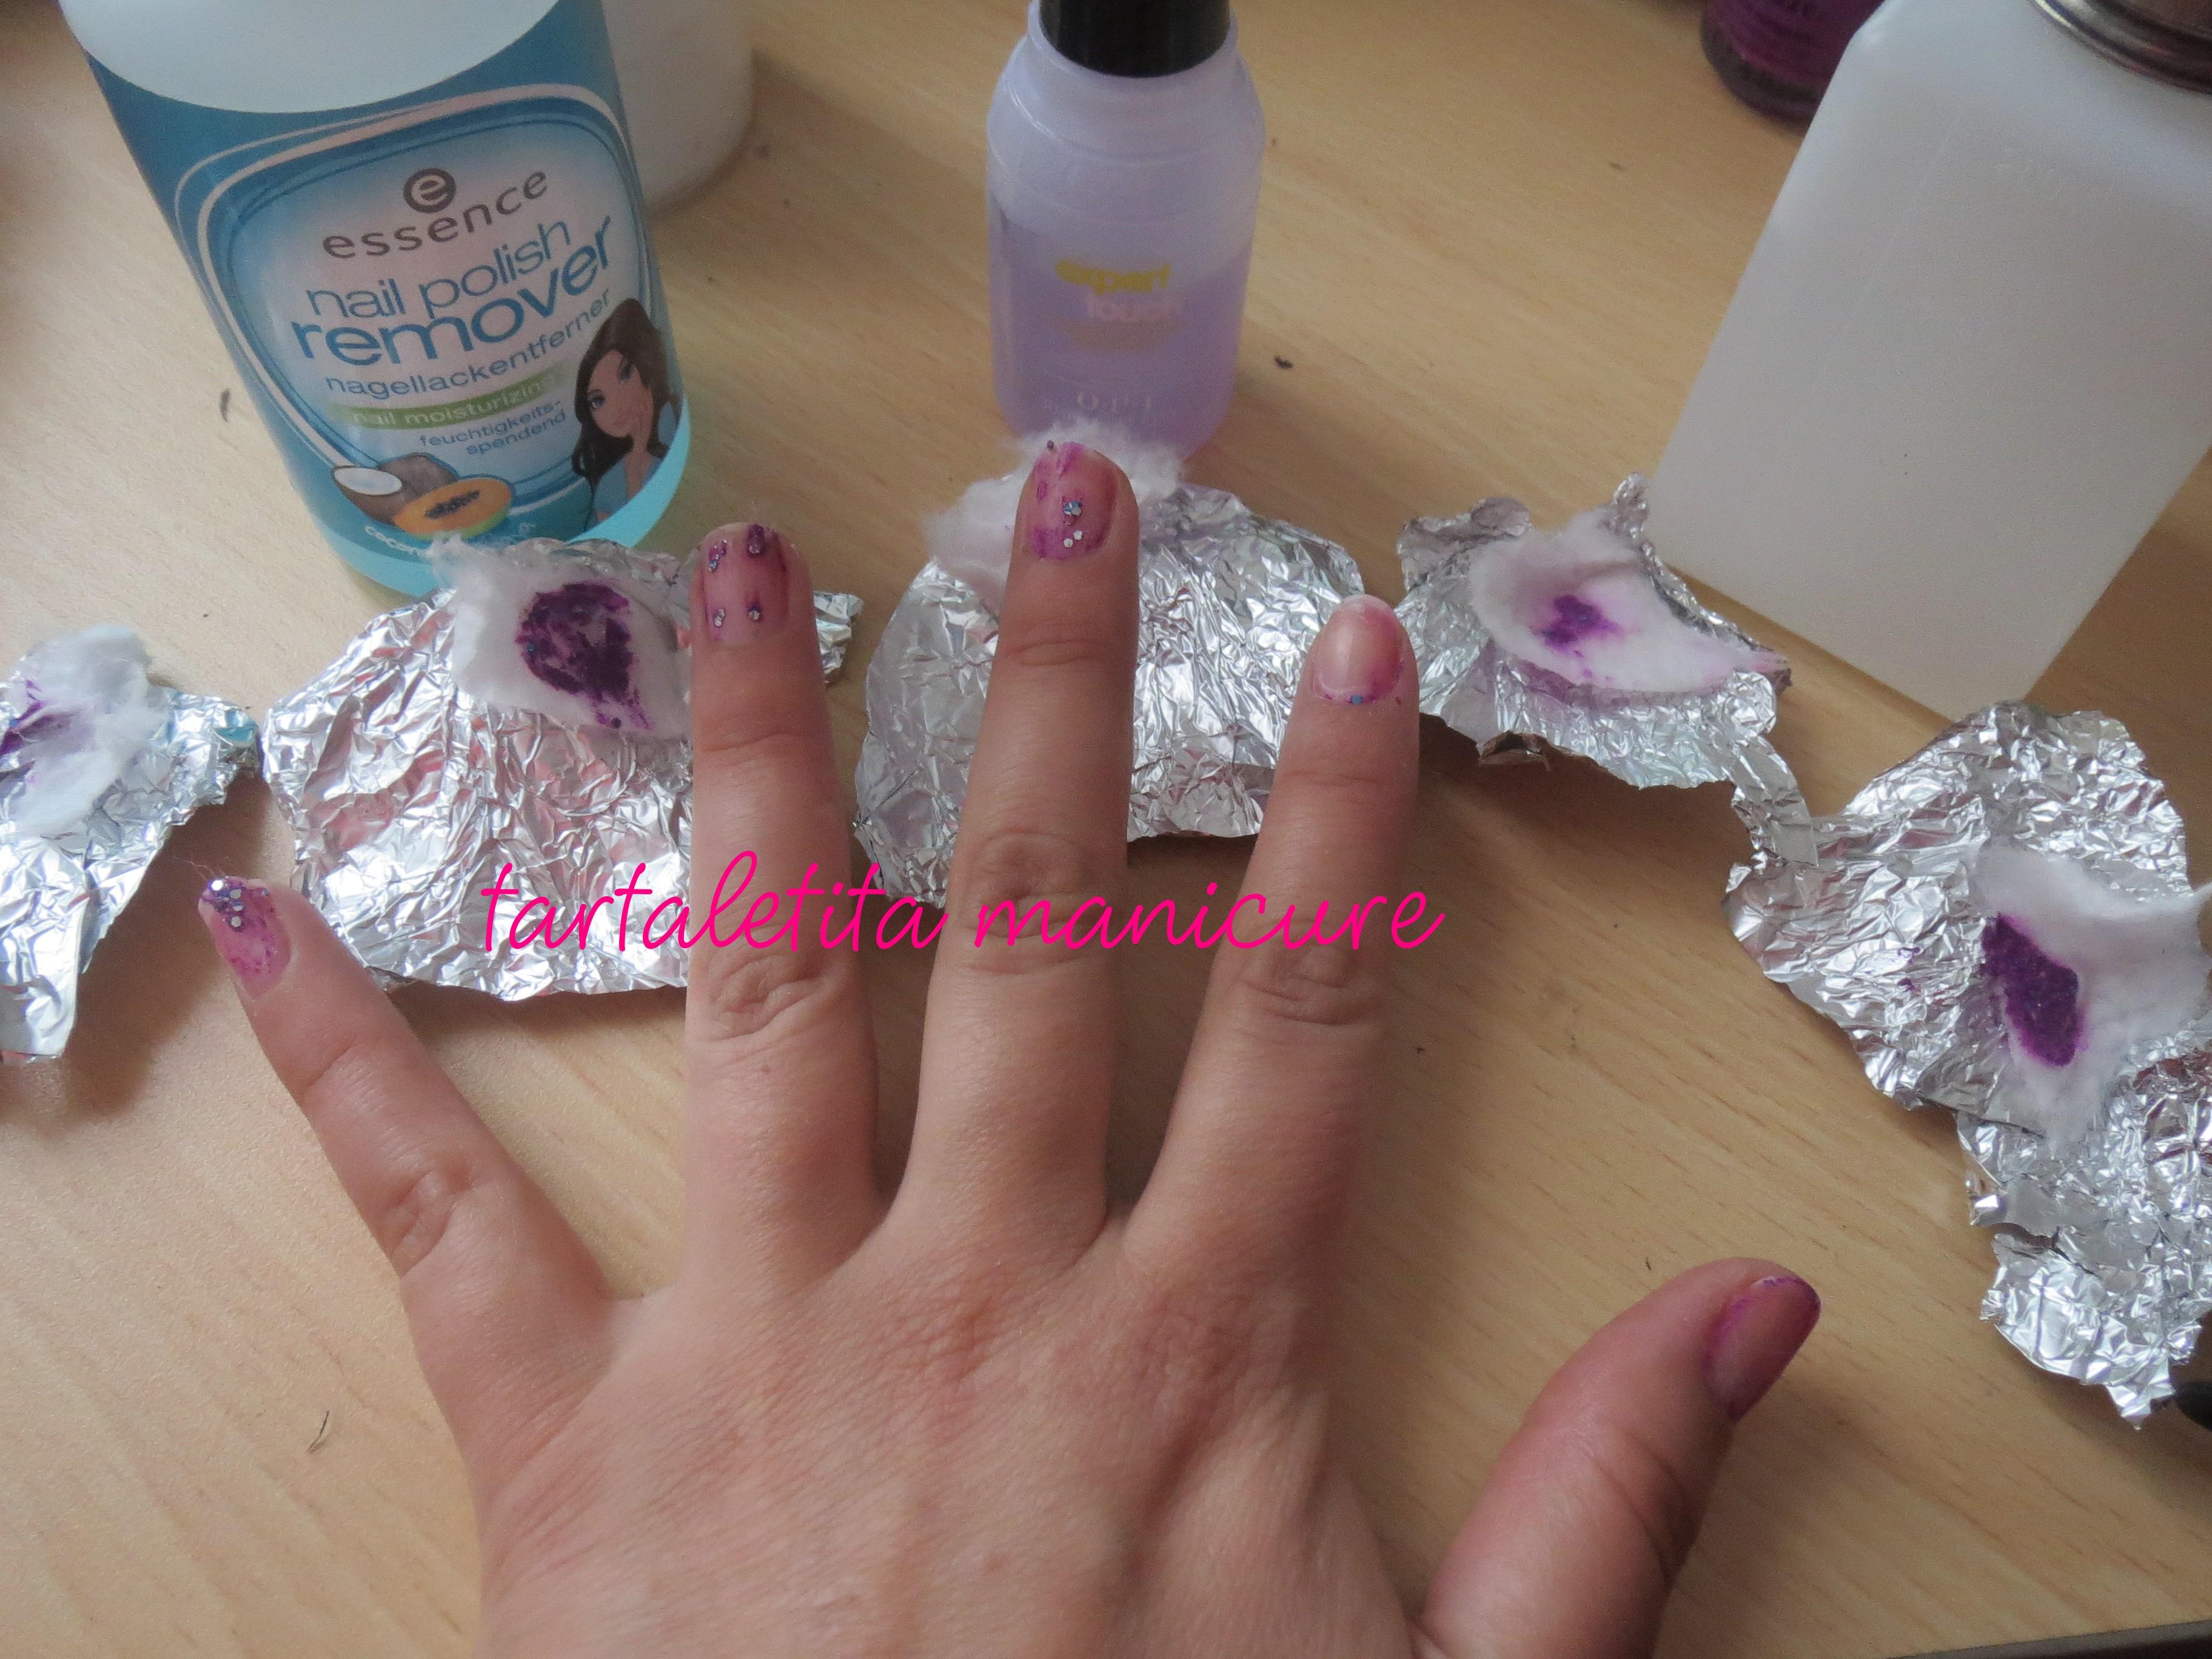 Como quitar el esmalte con glitter sin dañar la uña – Review ...